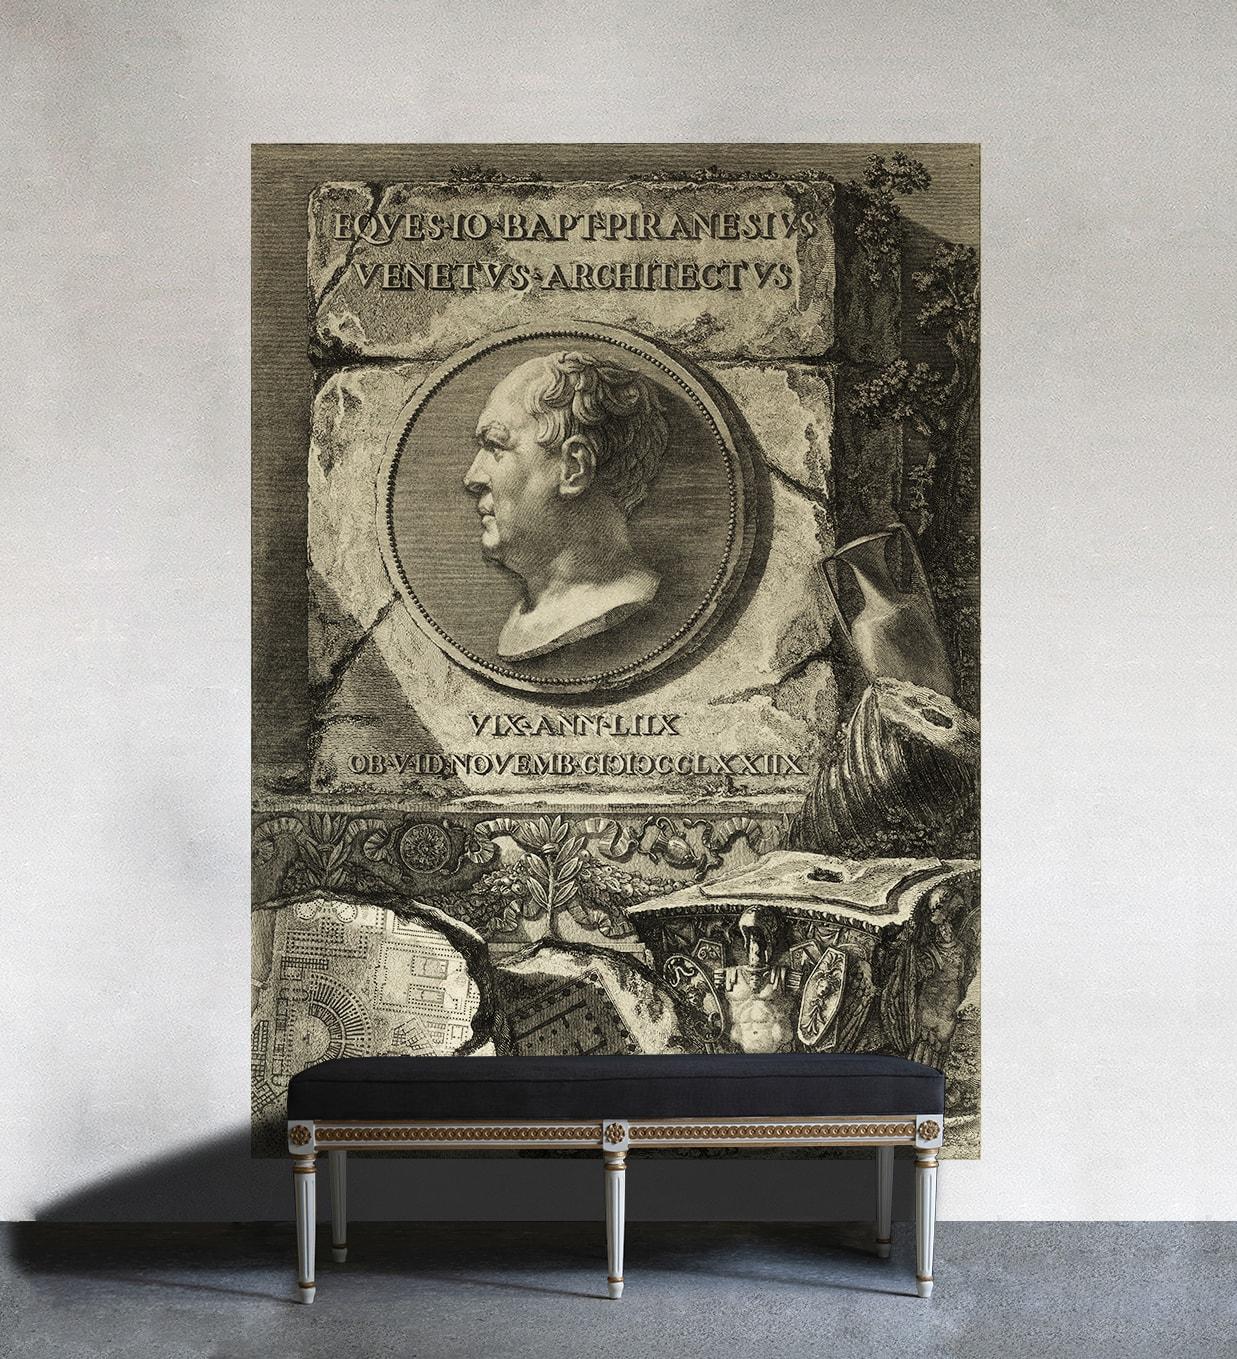 PIRANESI-Panoramic-Elusio-Antique-Design-product.jpg